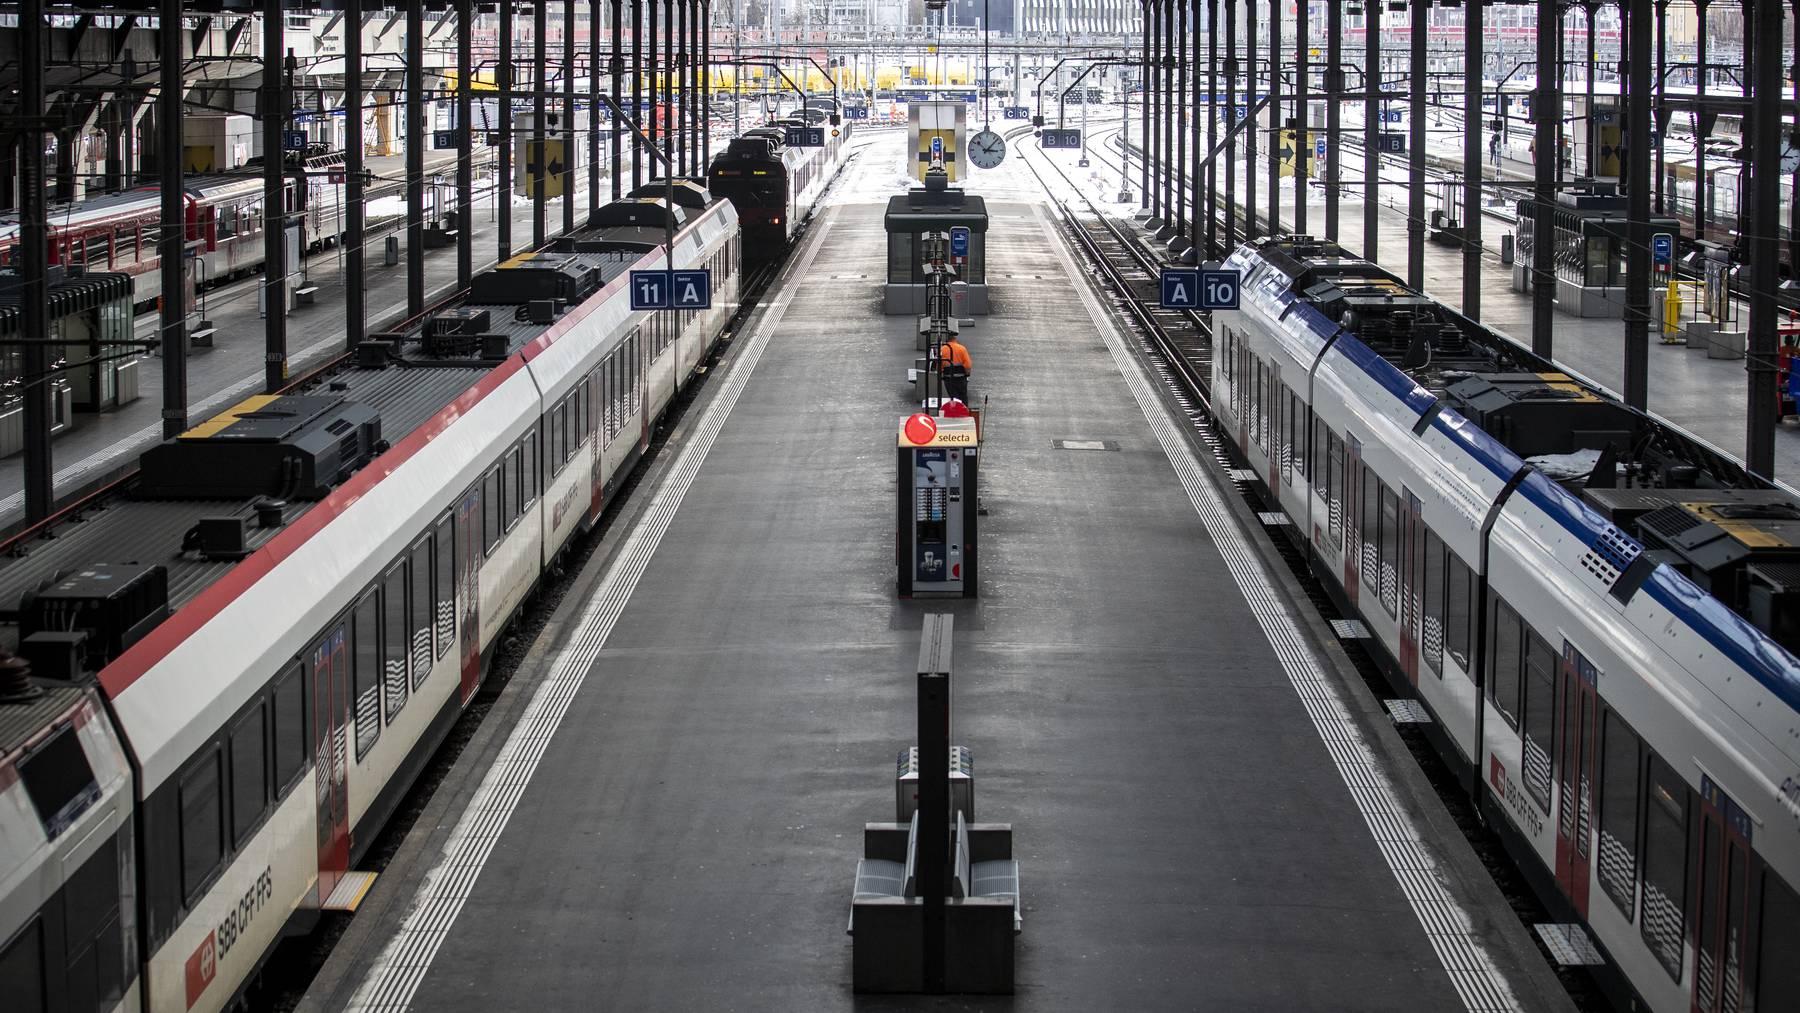 Blick in den Bahnhof Luzern, aufgenommen am Montag, 18. Januar 2021. Aufgrund der anhaltenden Krise um die Pandemie des Coronavirus, wurden ab Montag die Massnahmen zur Eindaemmung der Verbreitung des Virus verstaerkt.